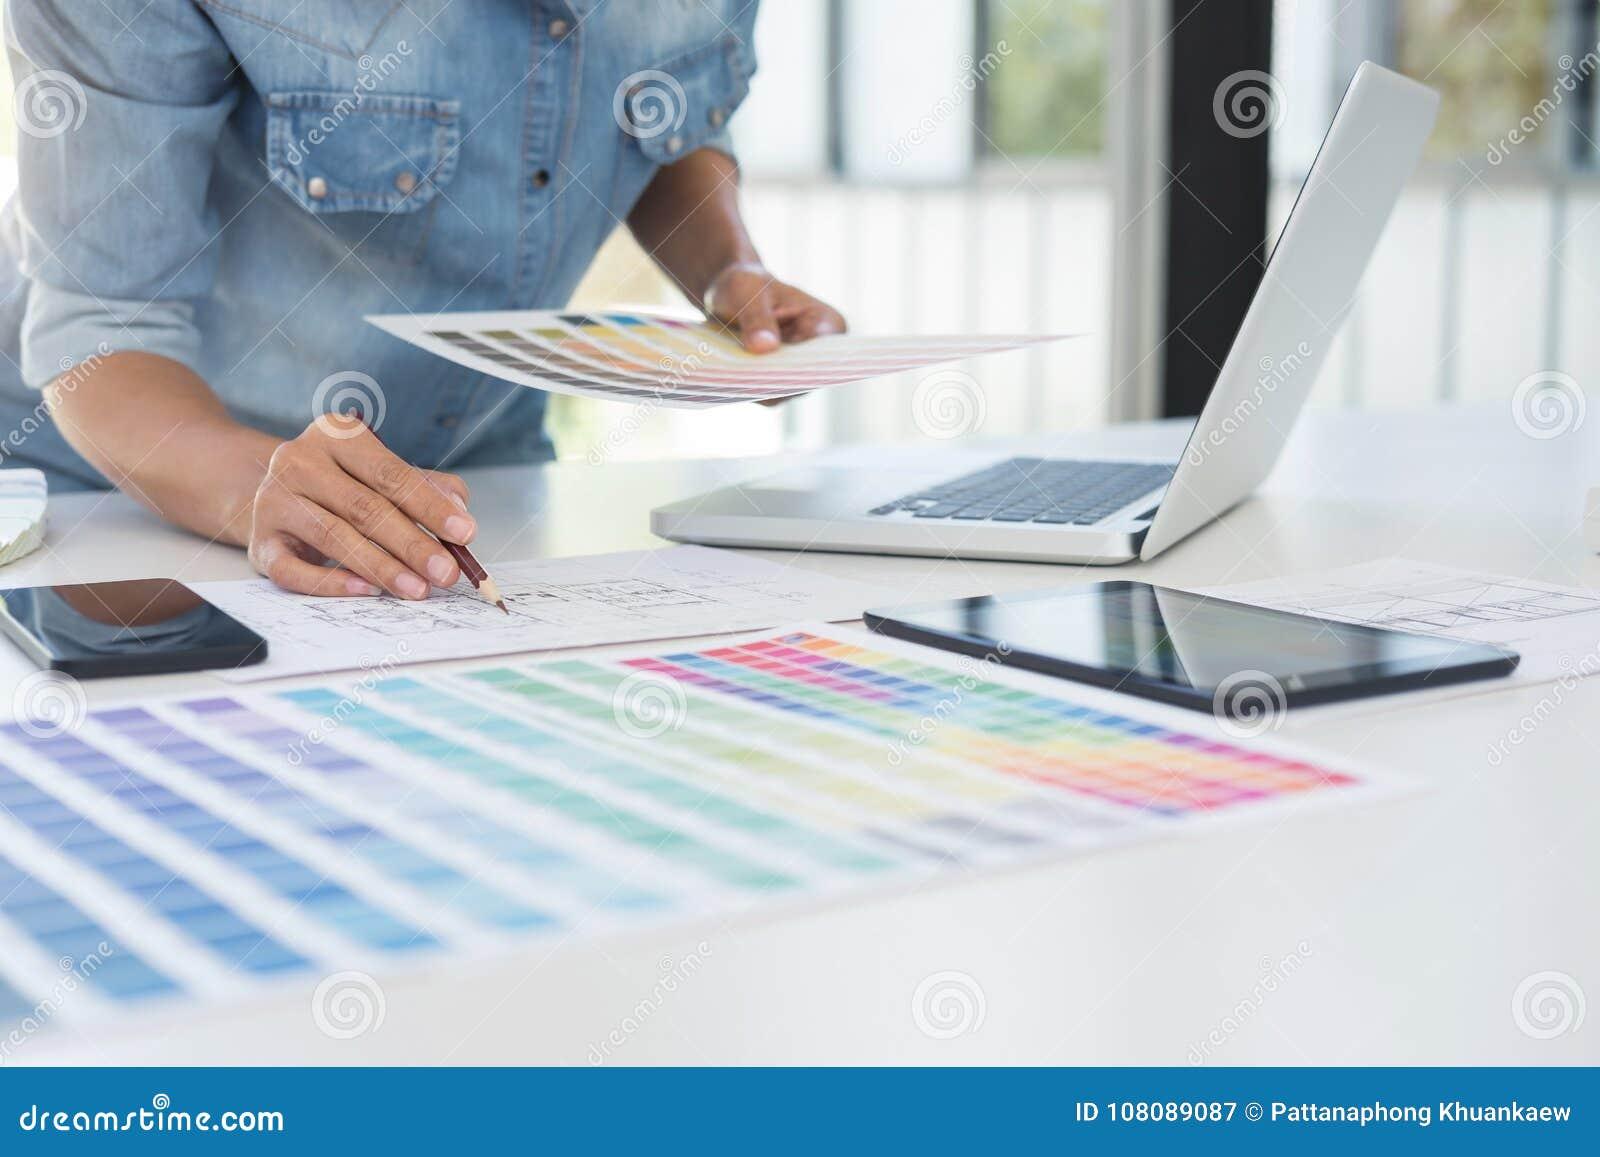 Coloree las muestras, carta de color, muestra de la muestra, bei del diseñador gráfico